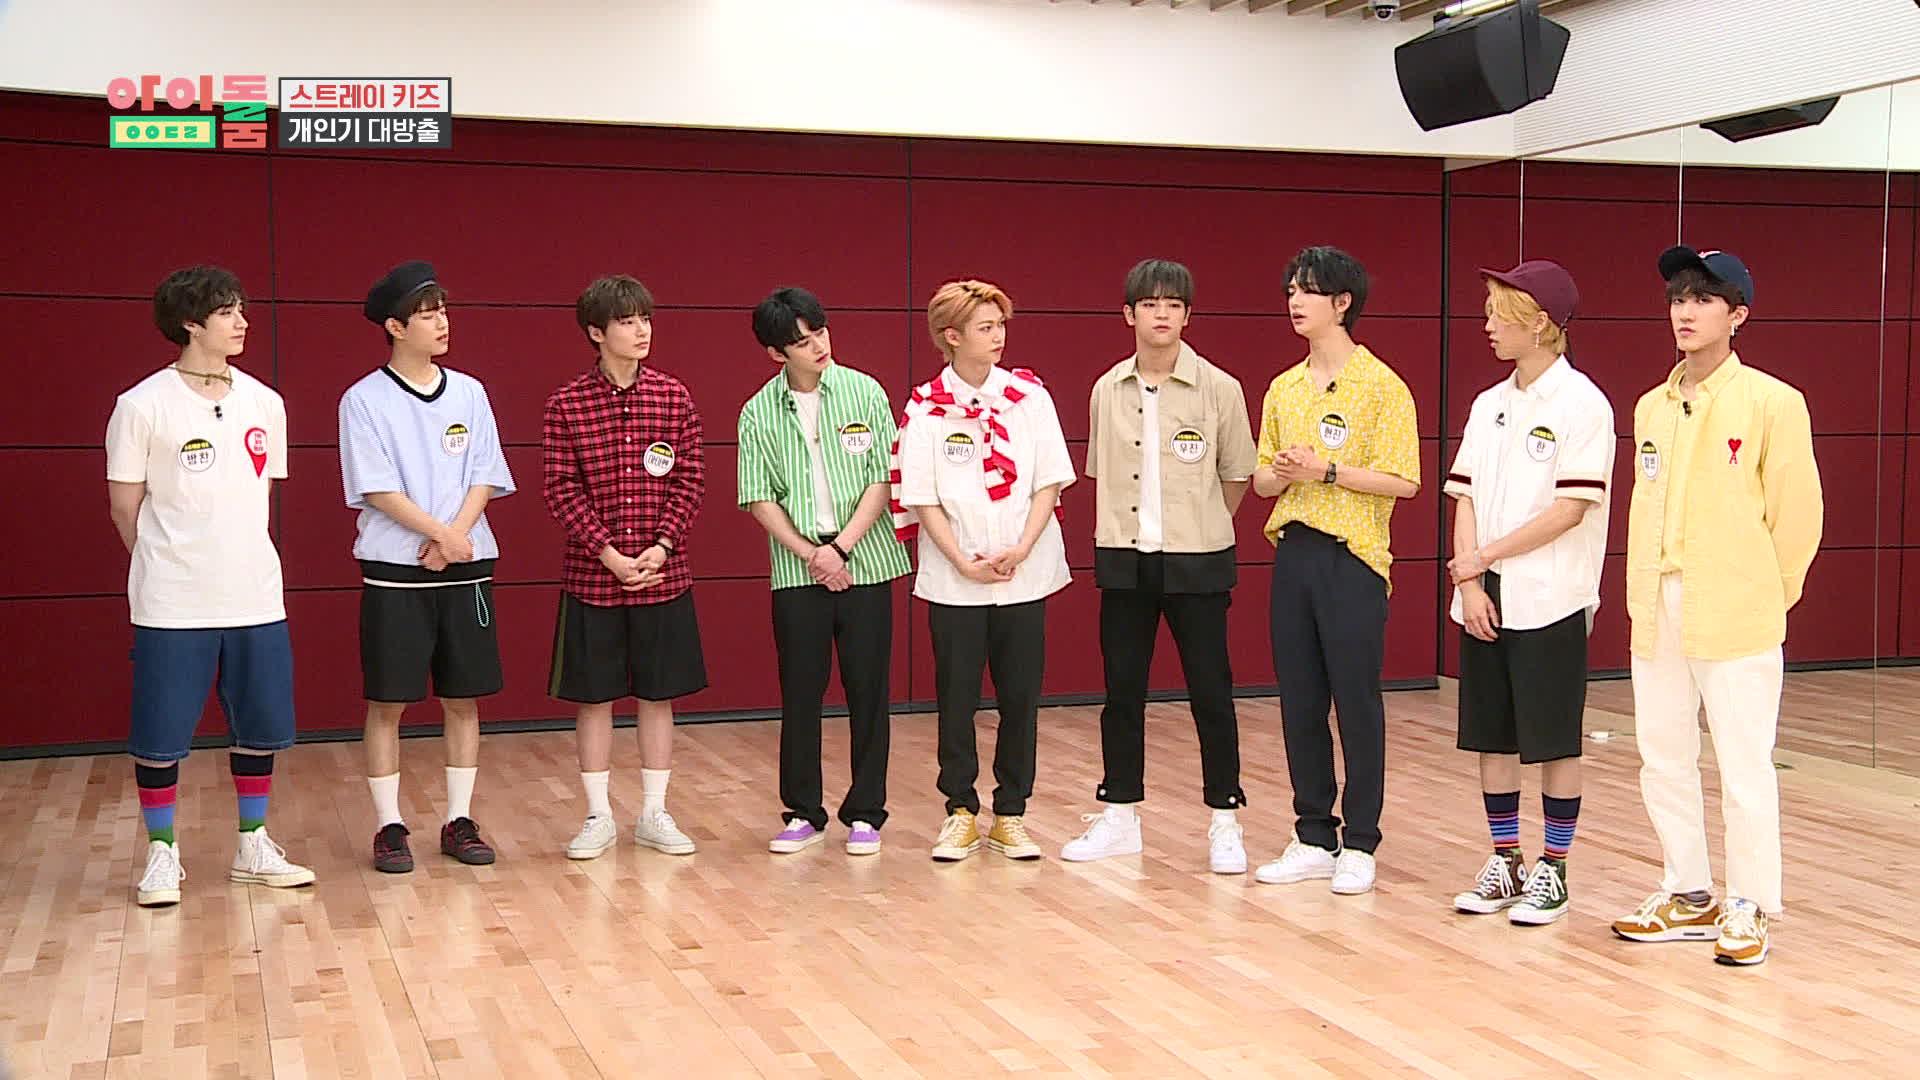 아이돌룸(IDOL ROOM) 16회 - 스트레이키즈 개인기 대방출! (갈매기부터 쭈글빈까지) Stray Kids' personal talent show